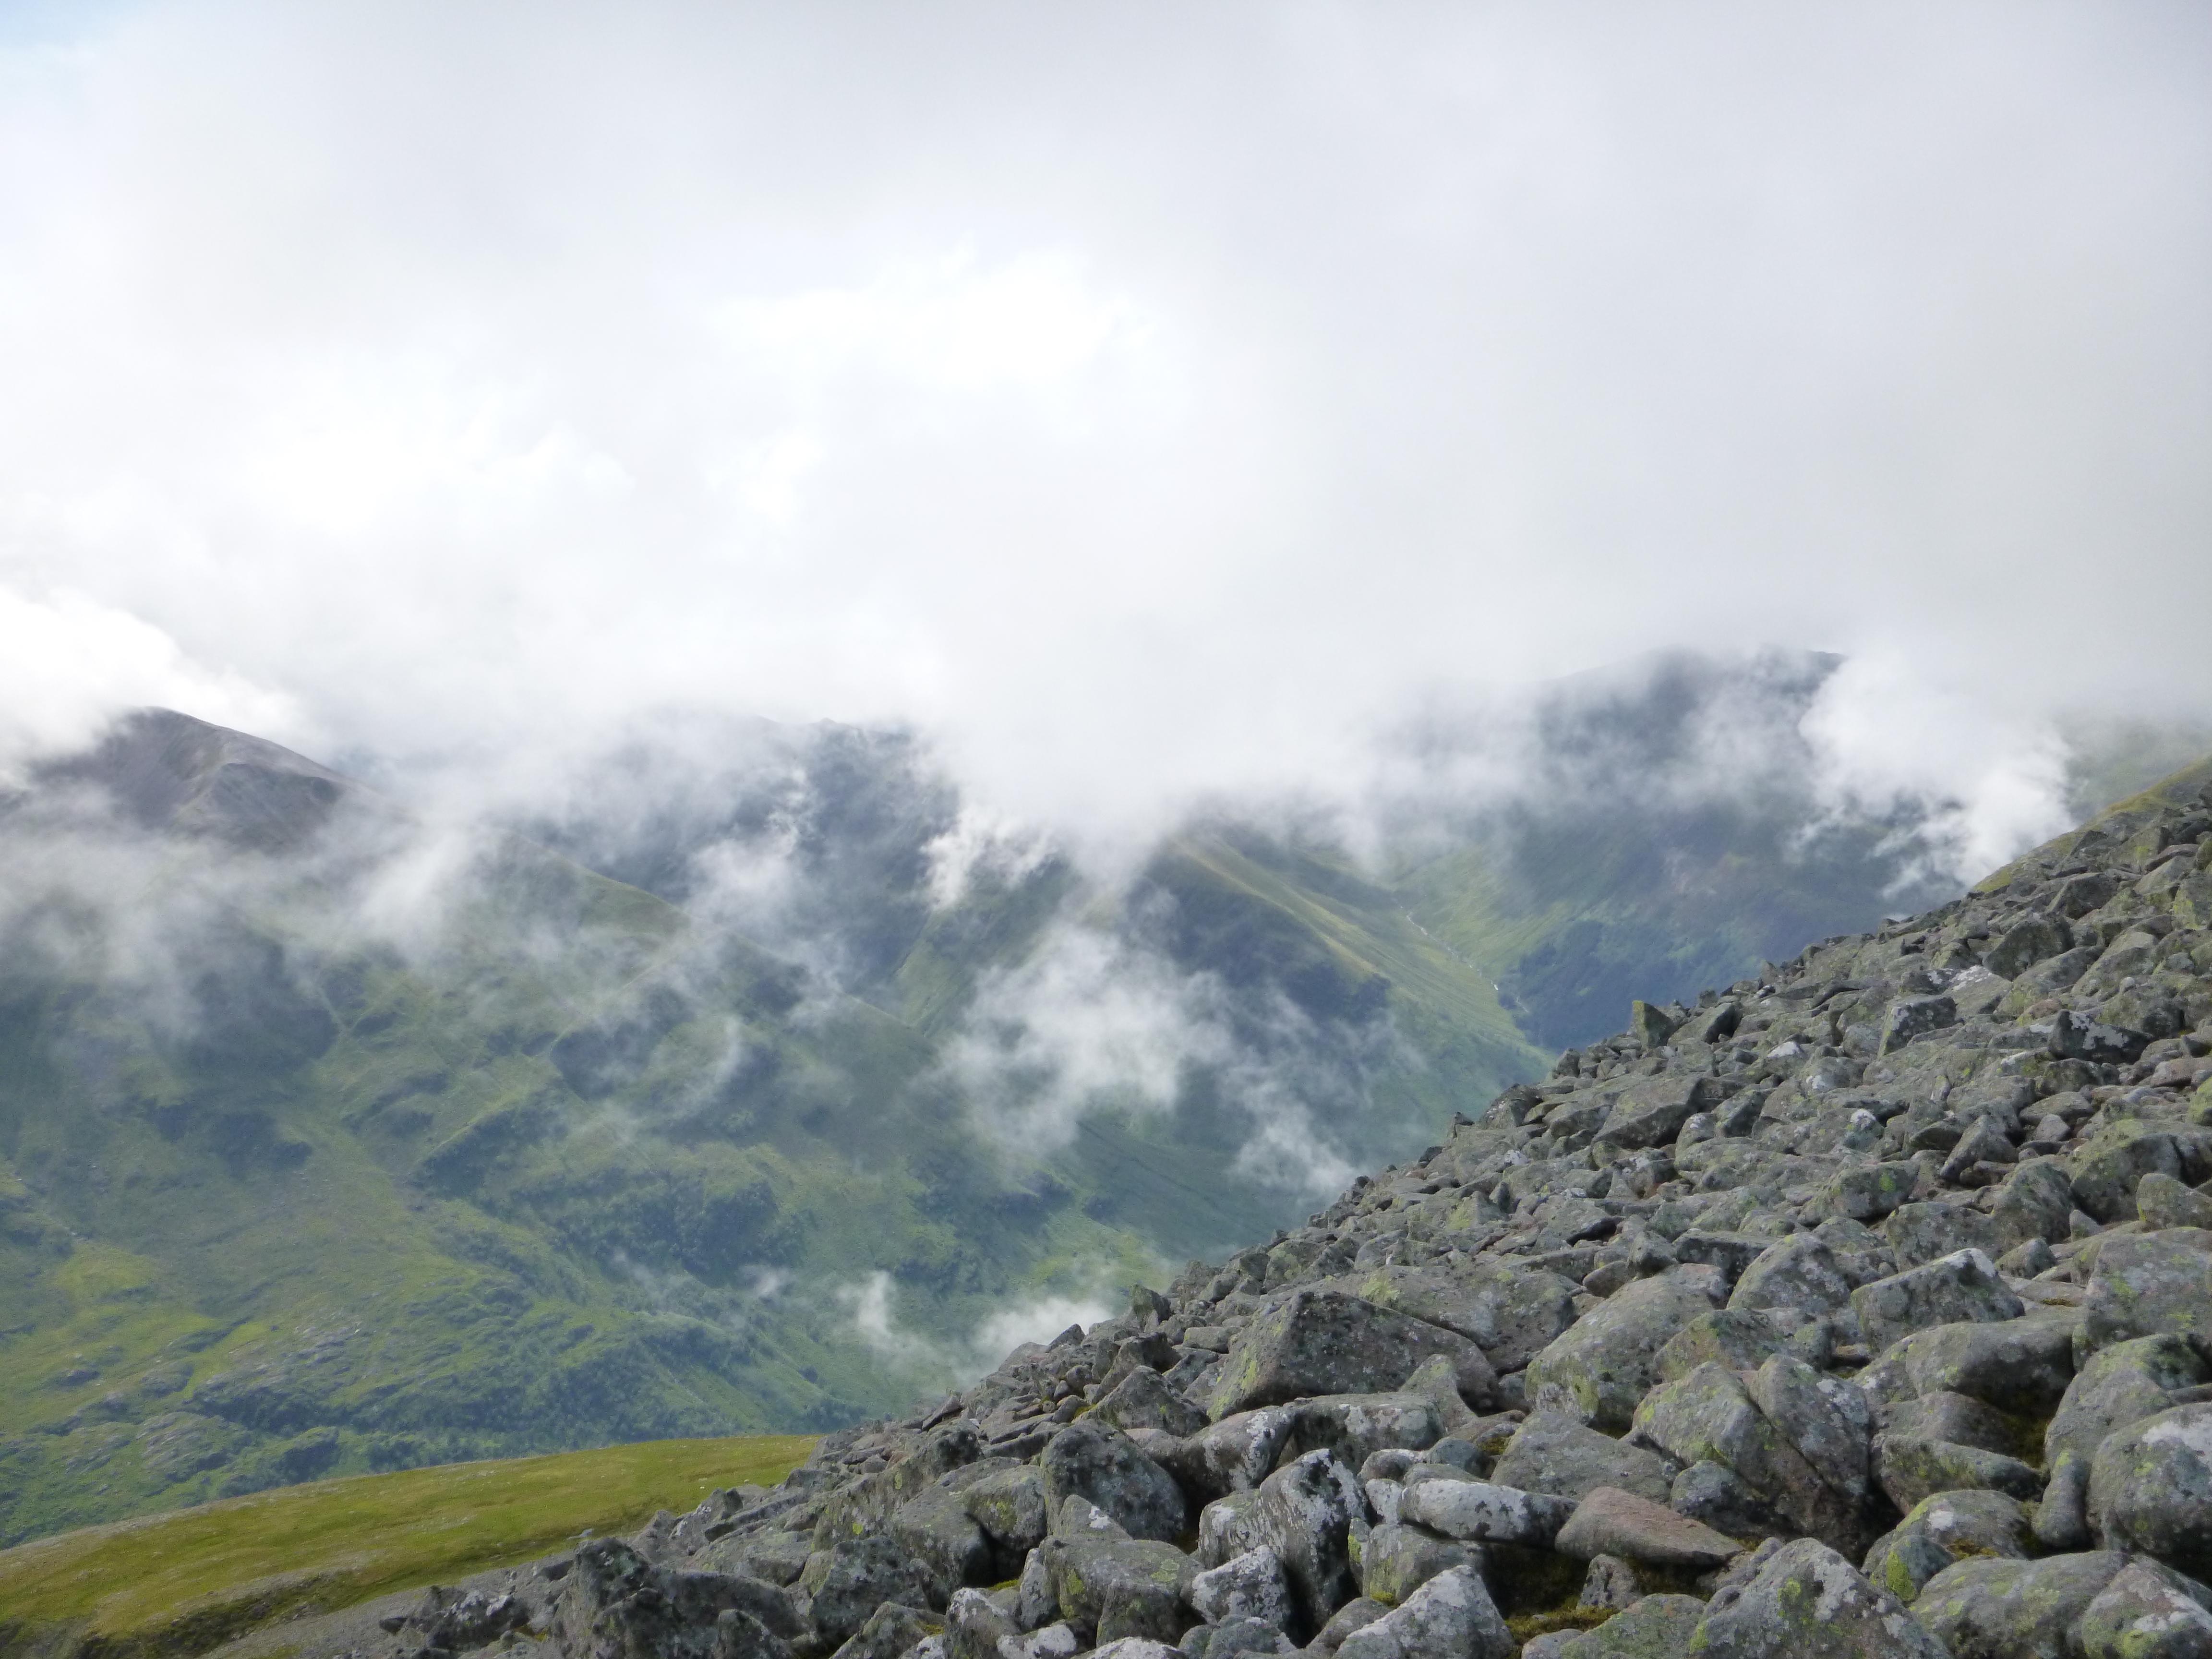 Looking into Glen Nevis from the top of Ben Nevis